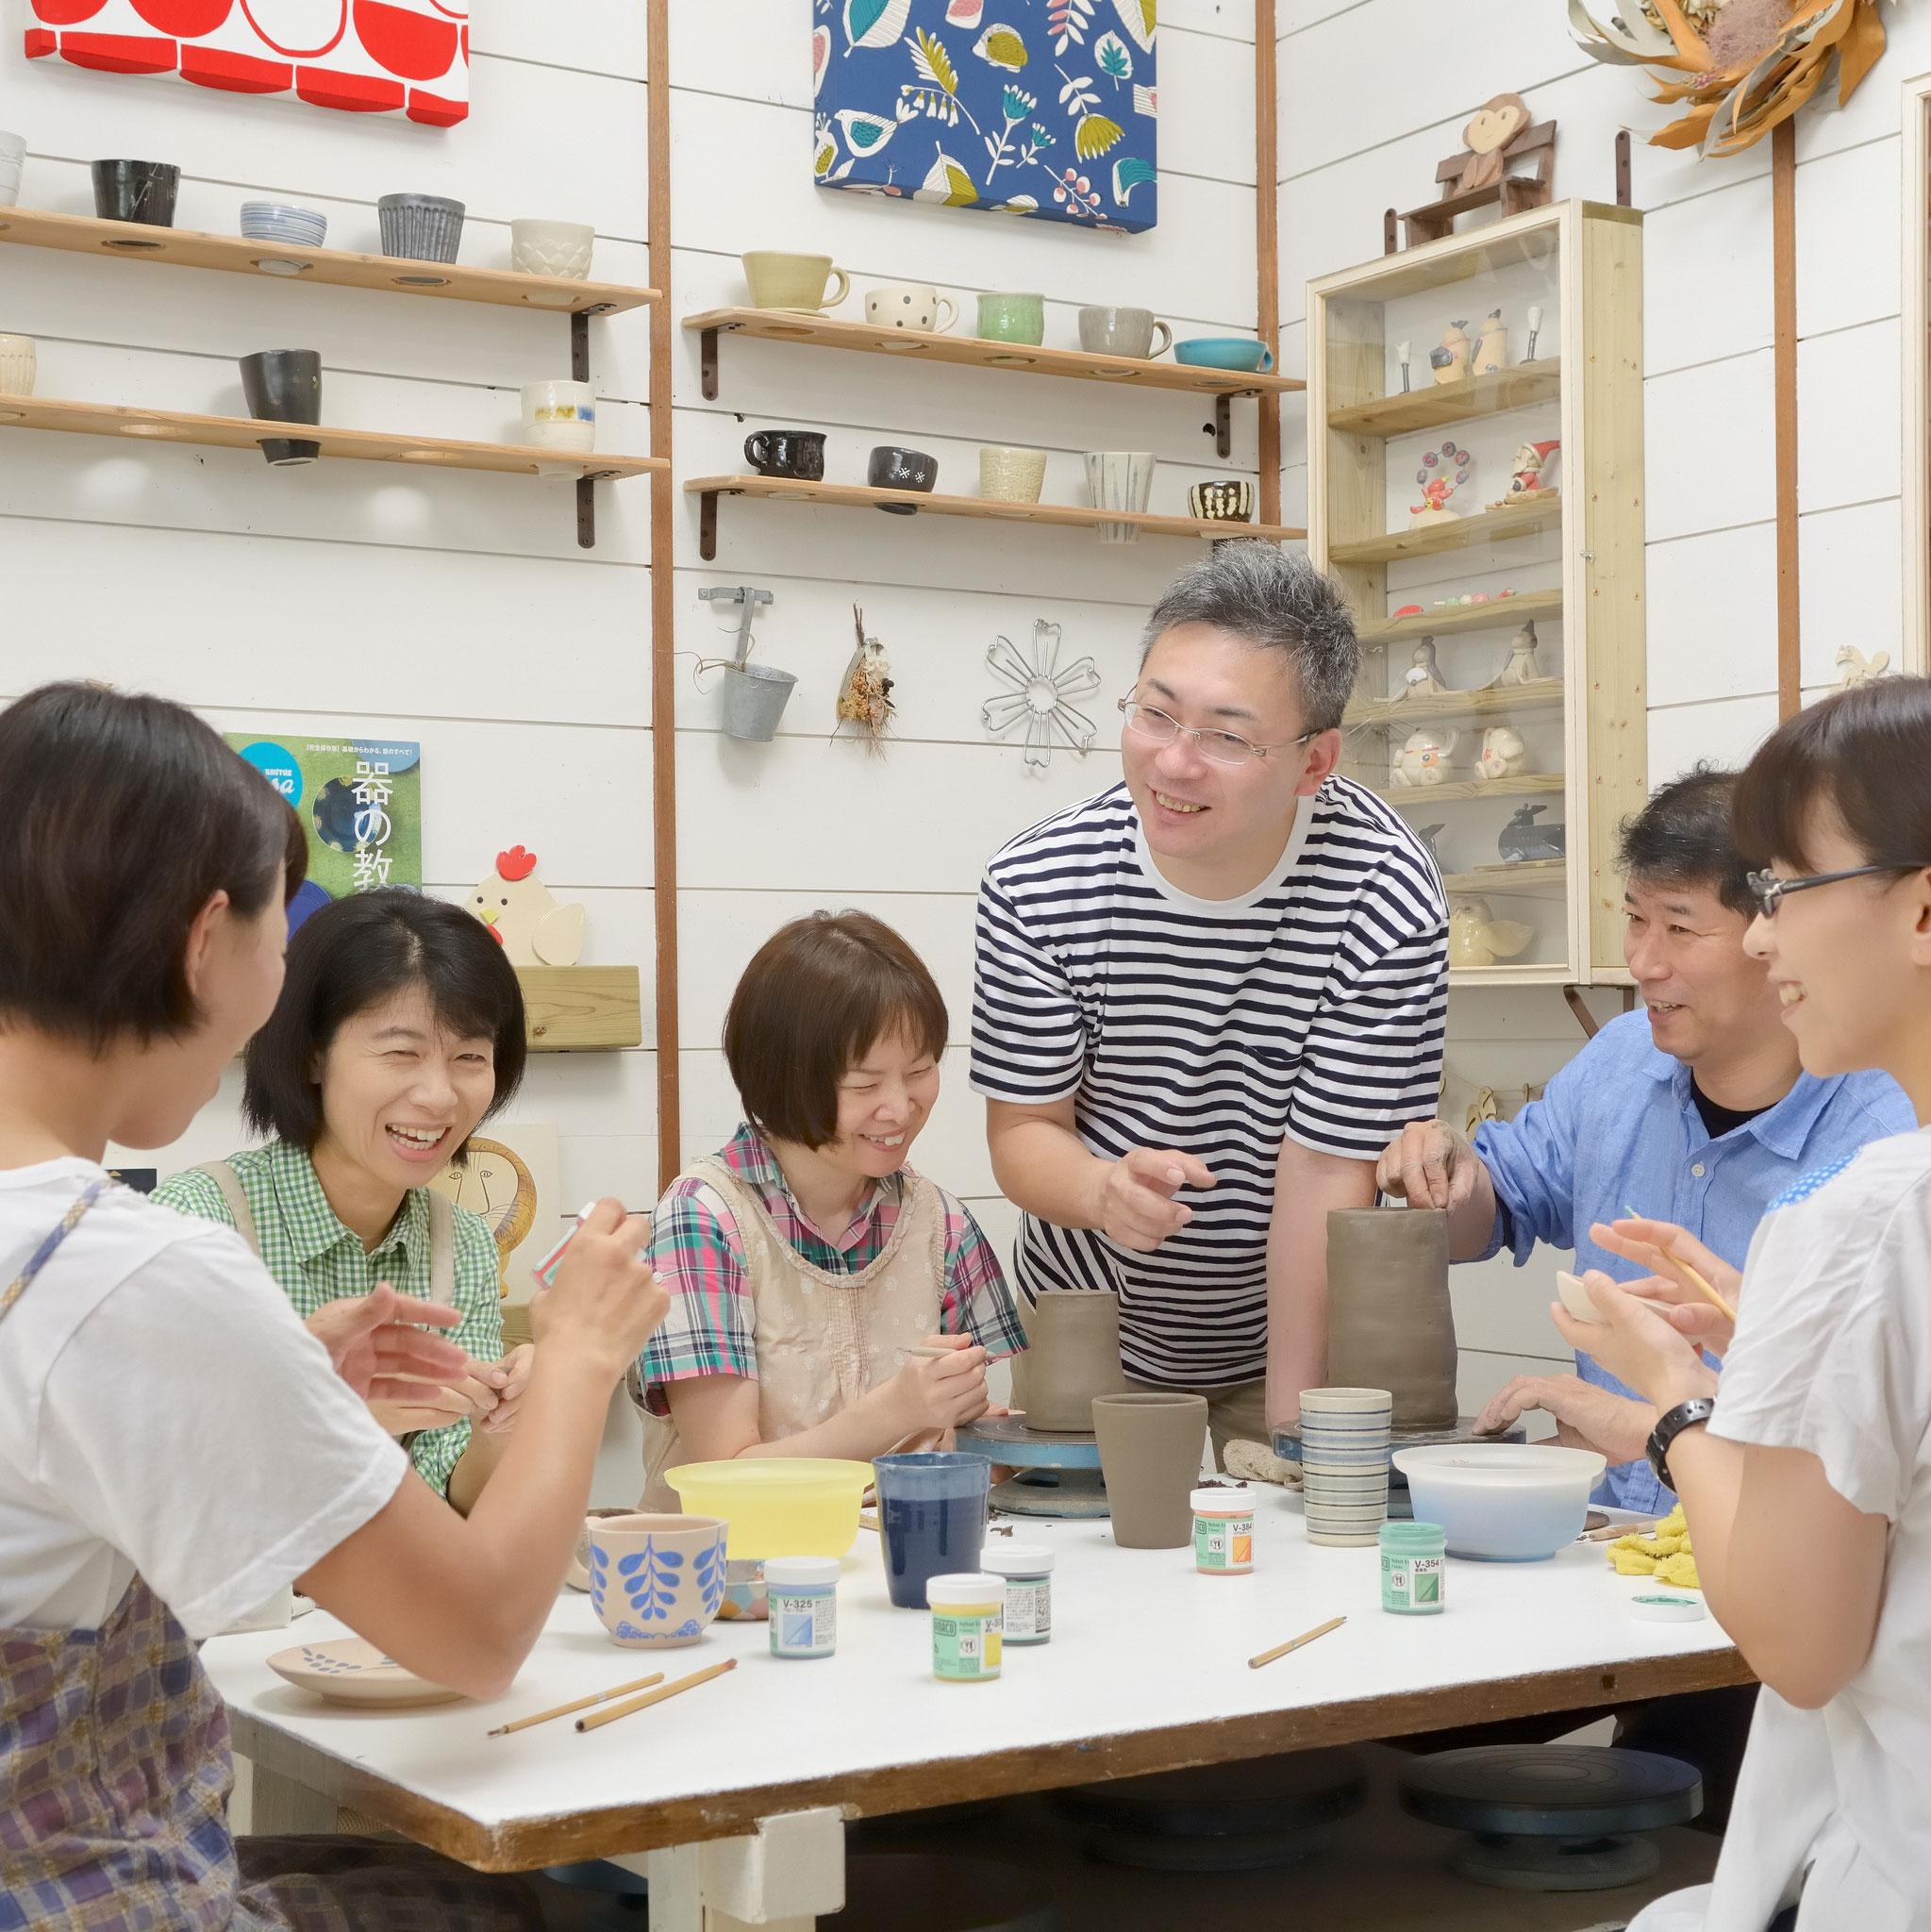 【大垣市陶芸教室夢現窯】少人数制で初めての方も安心です